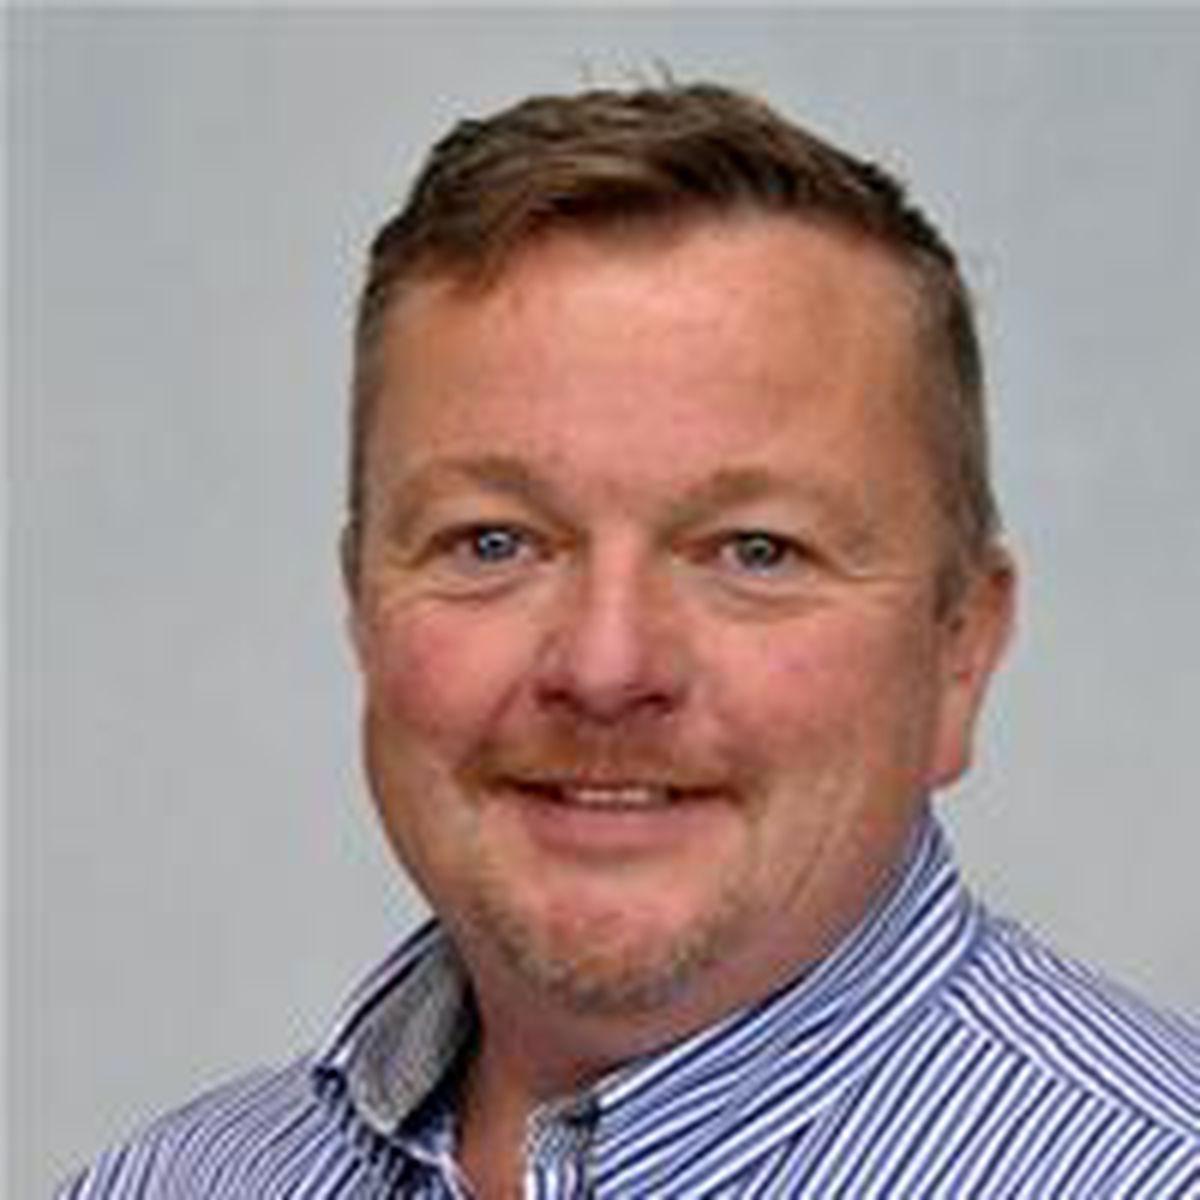 Cleobury Councillor Gwilym Butler